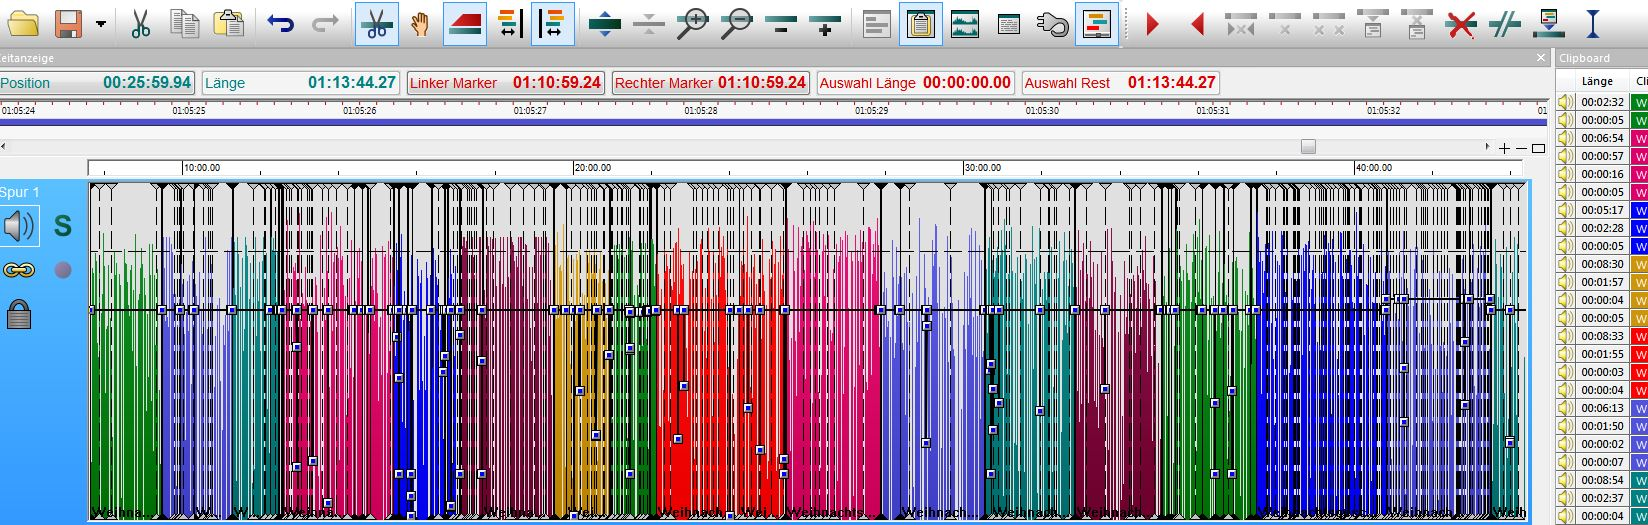 Bunte Tonspuren in einem Audio-Schnittprogramm mit sehr vielen schwarzen Schnittmarken.